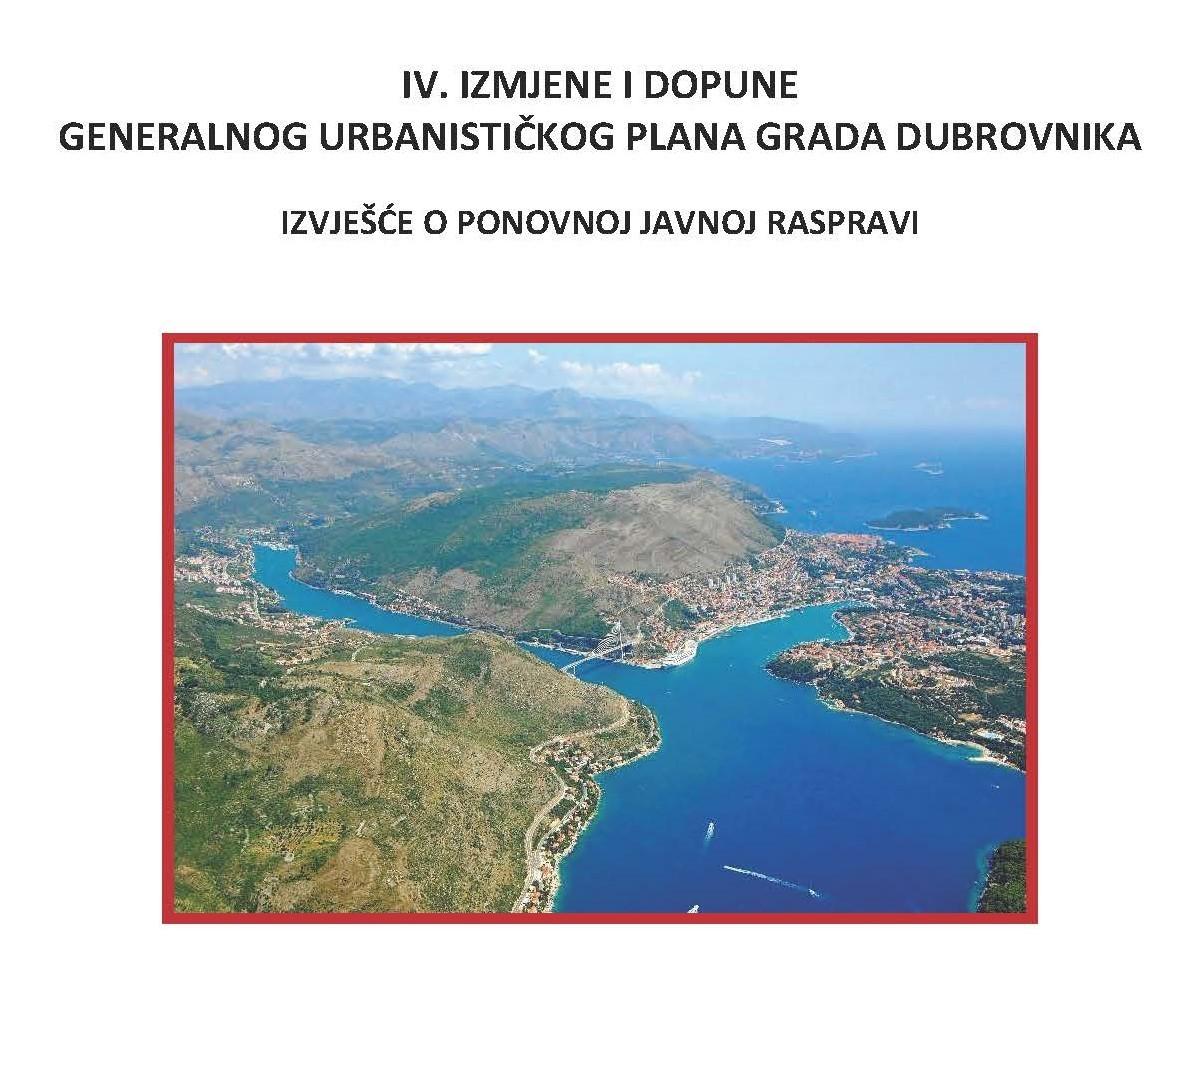 Izvješće o ponovnoj javnoj raspravi o  Prijedlogu IV. Izmjena i dopuna Generalnog urbanističkog plana Grada Dubrovnika